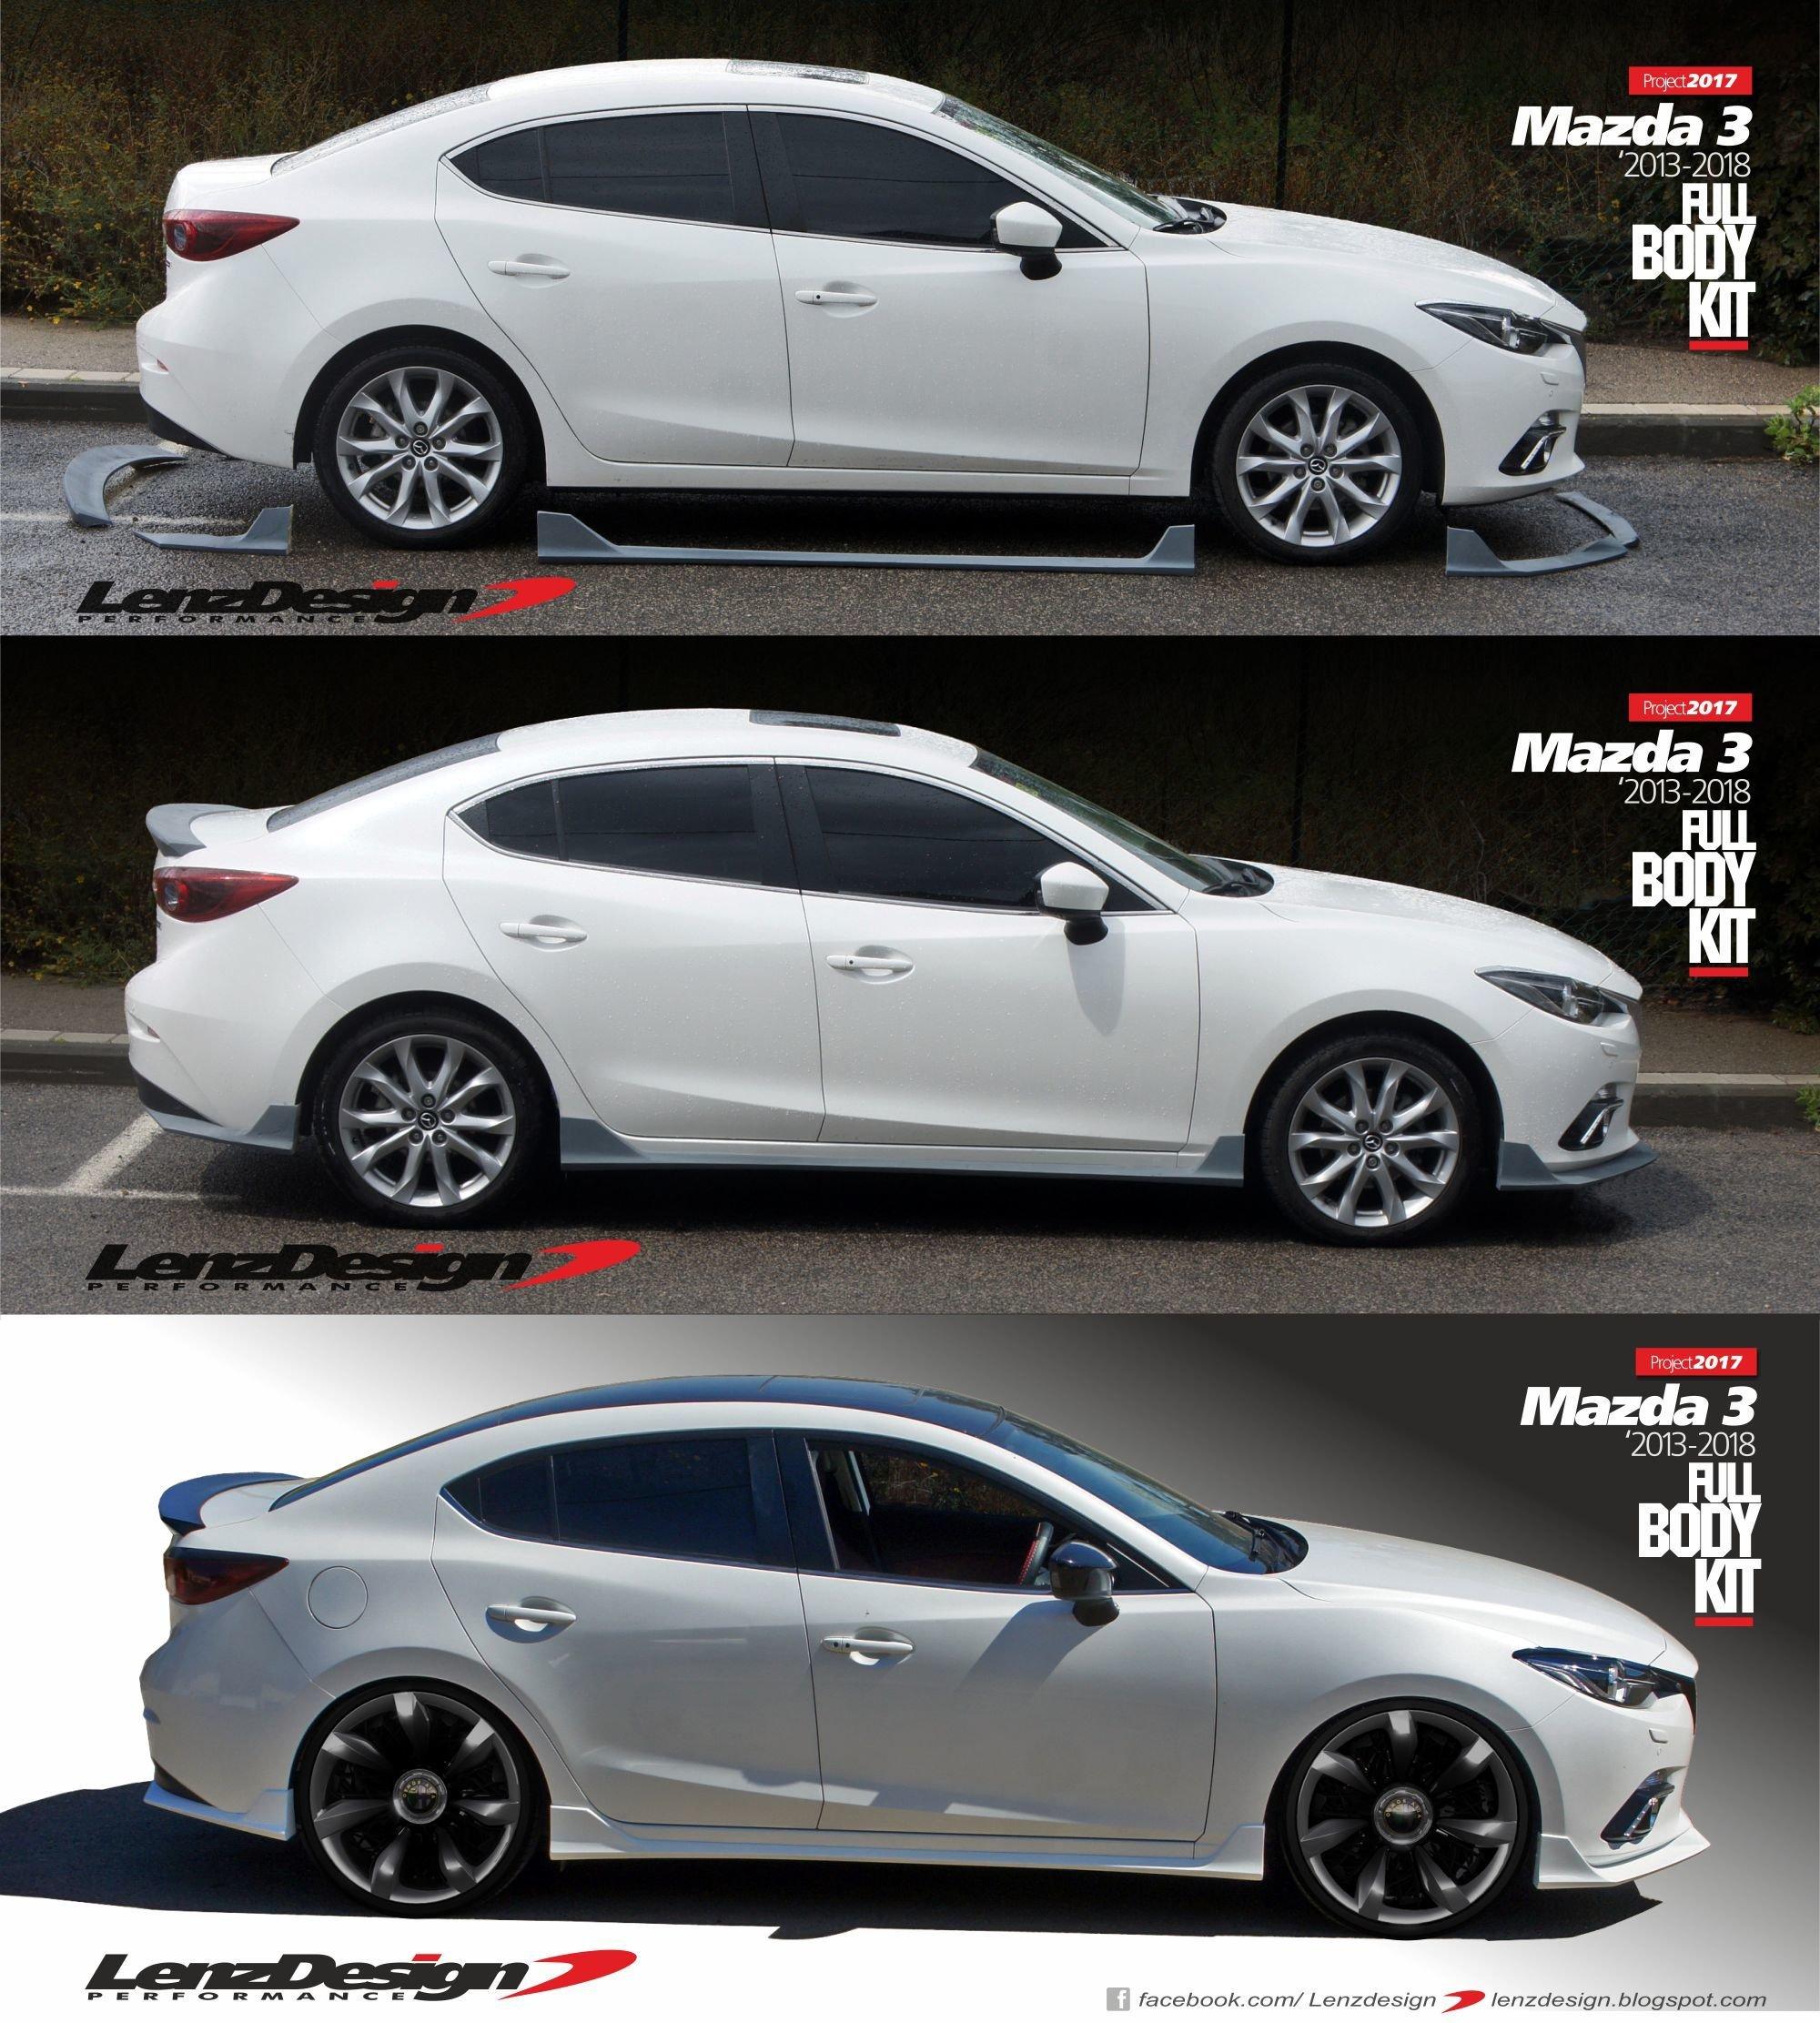 Mazda 3 BM BN 2013 2018 5 pcs Body Kit Front Spoiler Side